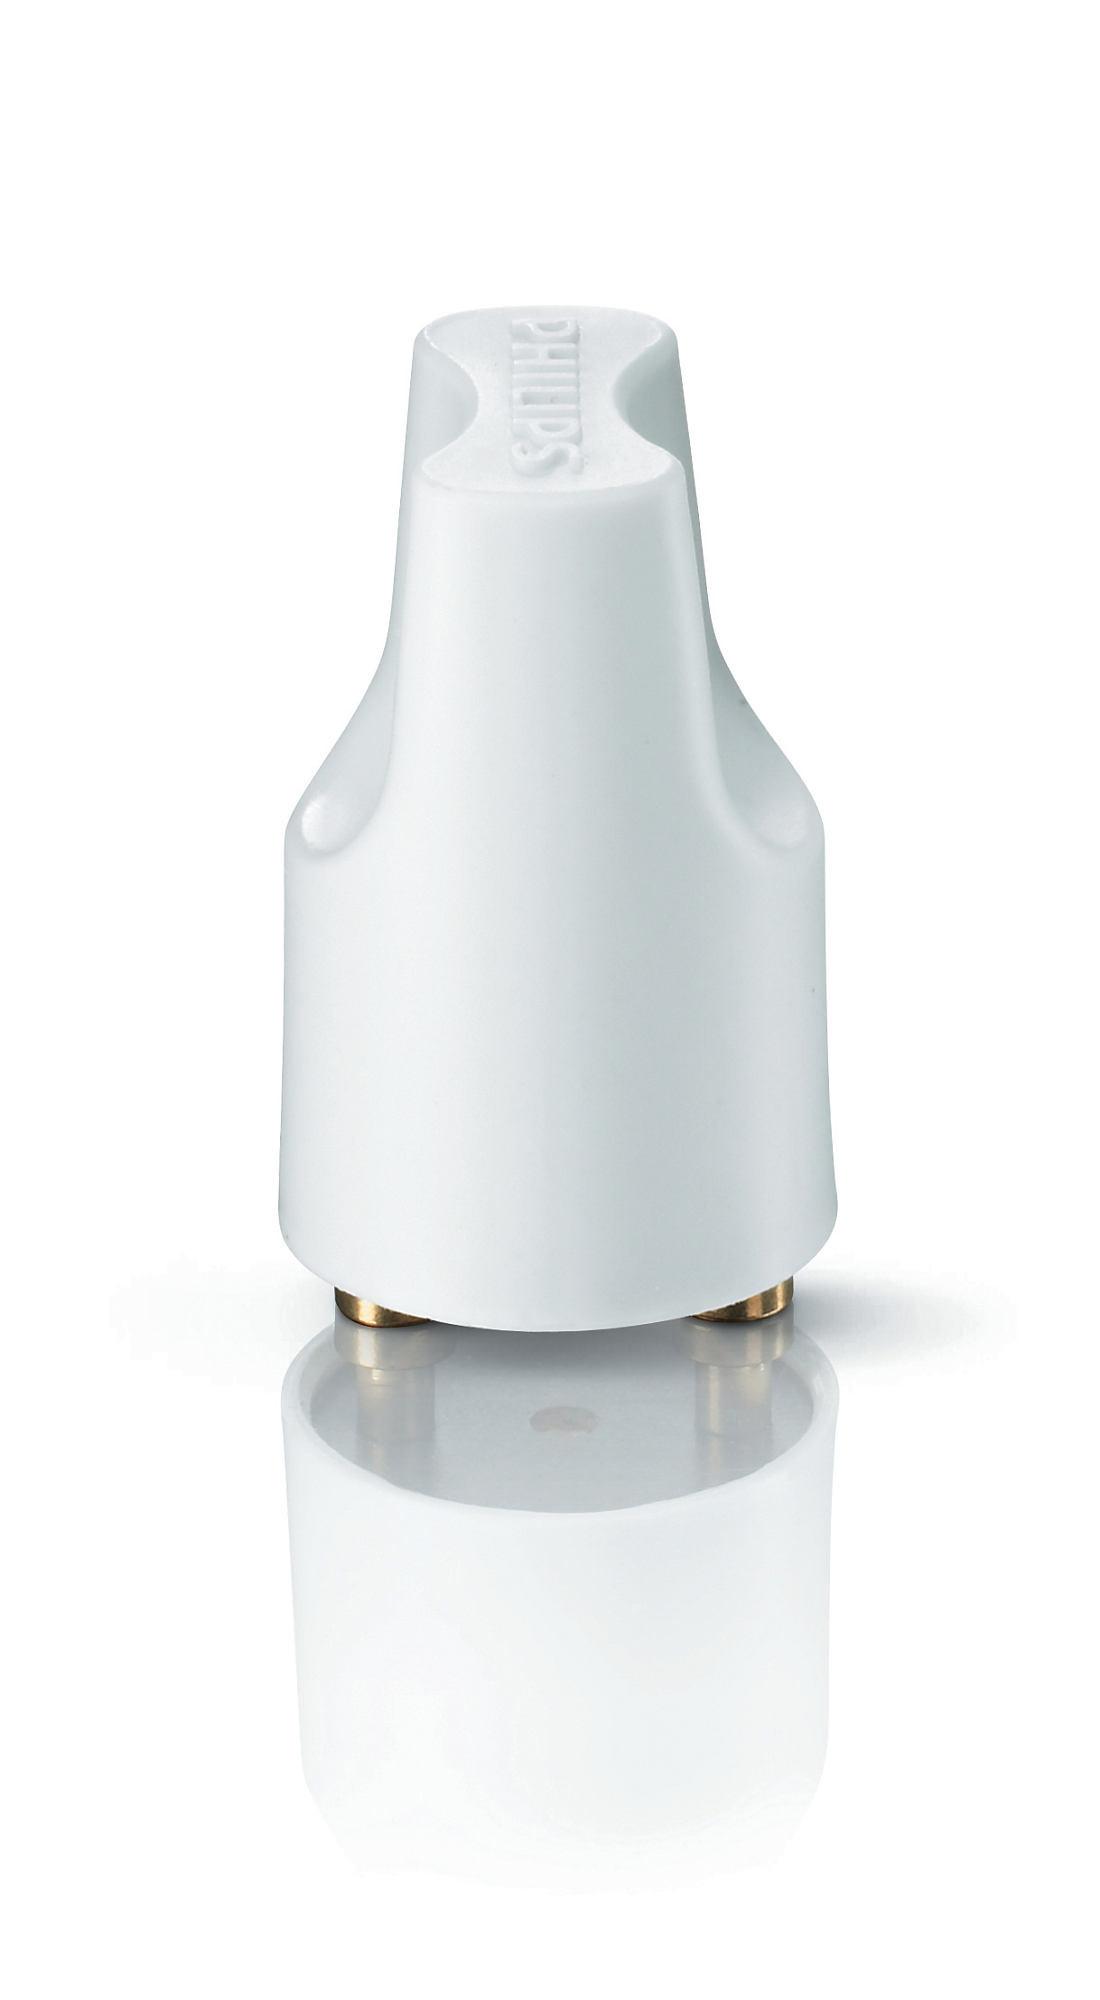 Philips MASTER LEDtube Starter EMP 020 CP